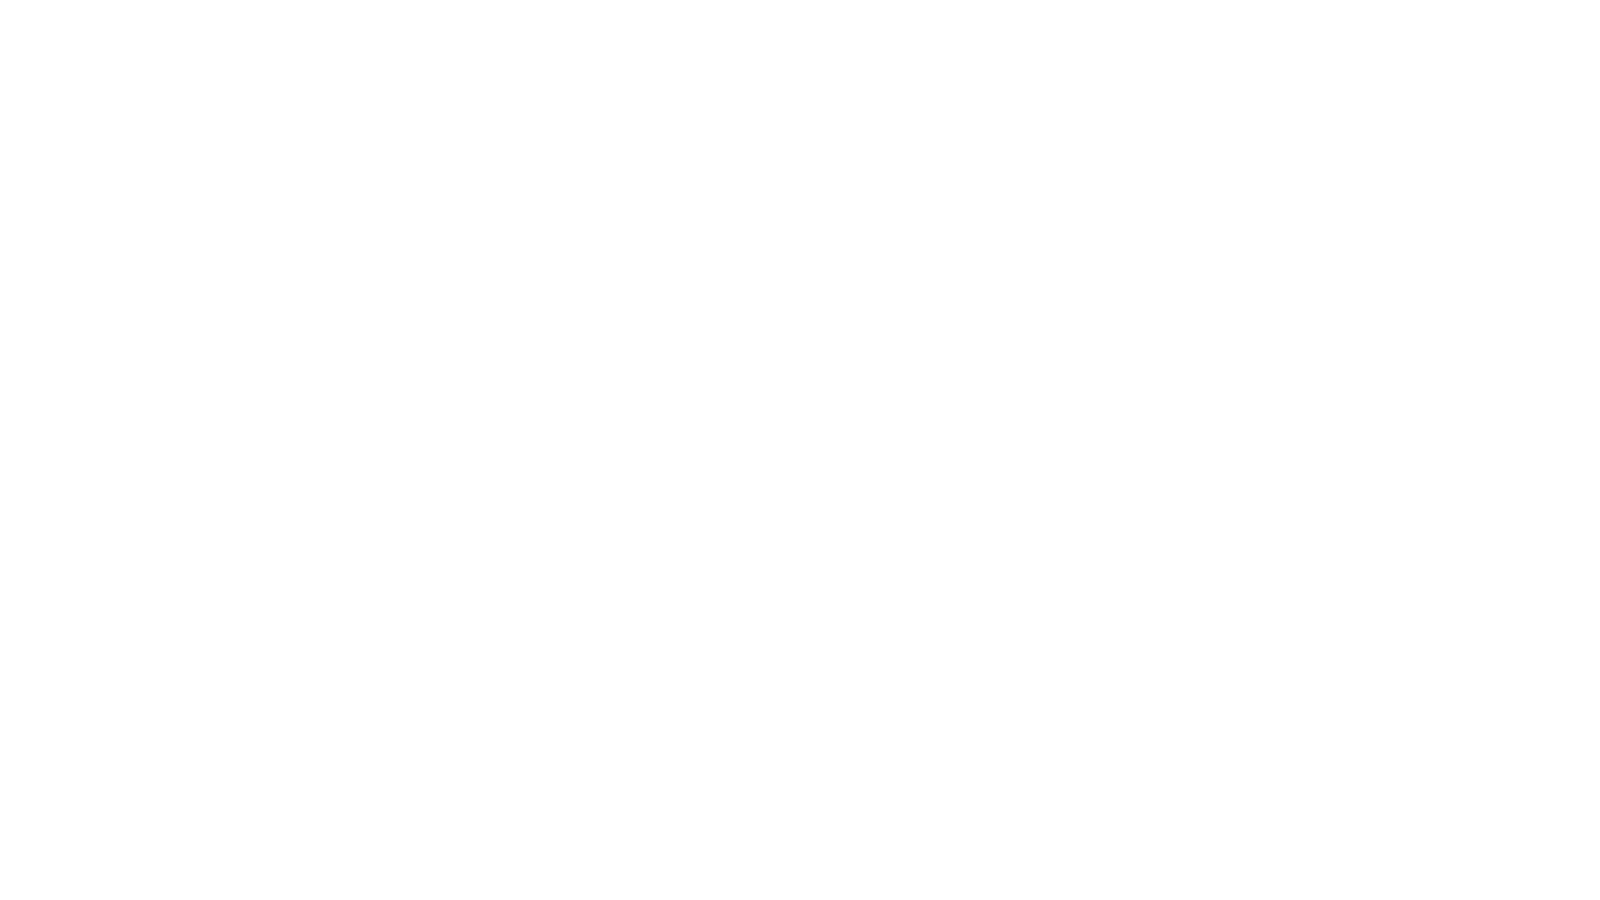 """14 - 19 ч. Кръгла маса върху сборника Bulgarian Literature as World Literature, публикуван през 2020 г. от издателство Bloomsbury под редакцията на Михаела П. Харпър и Димитър Камбуров.  Сборникът, в който си дават среща български и световни изследователи, писатели и преводачи, представлява първото обхватно и задълбочено представяне на българската литература пред световната читателска публика.  Работни езици: български и английски.  ПРОГРАМА/PROGRAM  14:00 - 16:00 ПЪРВА МАСА: ЧИТАТЕЛИ И СПОМОЩЕСТВУВАТЕЛИ модератор Димитър Камбуров FIRST TABLE: READERS AND SUBSCRIBERS Moderator Dimitar Kambourov   Петя Цонева (Великотърновски университет): Bulgarian Literature as World Literature: Challenges and Directions / Българската литература като световна литература: предизвикателства и посоки Румяна Станчева (Софийски университет): Българската литература – несравнима или несравнена / Bulgarian Literature – Incomperable or Uncompared.  Миглена Дикова (Университет на Гент): Българската литература и глобализираният читател: стратегии за превод и представяне / Bulgarian Literature and the Globalized Reader: Translation and Introduction Strategies Ангелина Илиева (Чикагски университет): Between the Universal and the Particular / Между универсалното и специфичното Оана Попеску-Санду (Университет на Южна Индиана): Border Crossing as Genre / Пресичането на граници като жанр Ейлиш ни Гуивна: Bulgarian Literature Viewed from an Irish Literary Tower Людмила Костова (Великотърновски университет): How do we read Bulgarian literature as World Literature? / Как четем българската литература като световна? Райко Байчев (Софийски университет): Медии и българския роман: нови гейткийпъри/ The Media and the Bulgarian Novel: the New Gatekeepers Диана Атанасова (Софийски университет): Световност и автономност / Worldliness and Autonomy Бойко Пенчев (Софийски университет): Старобългарската литература между универсалното и """"националното""""/ Old Bulgarian Literature Between the Universal and the """"Nationa"""